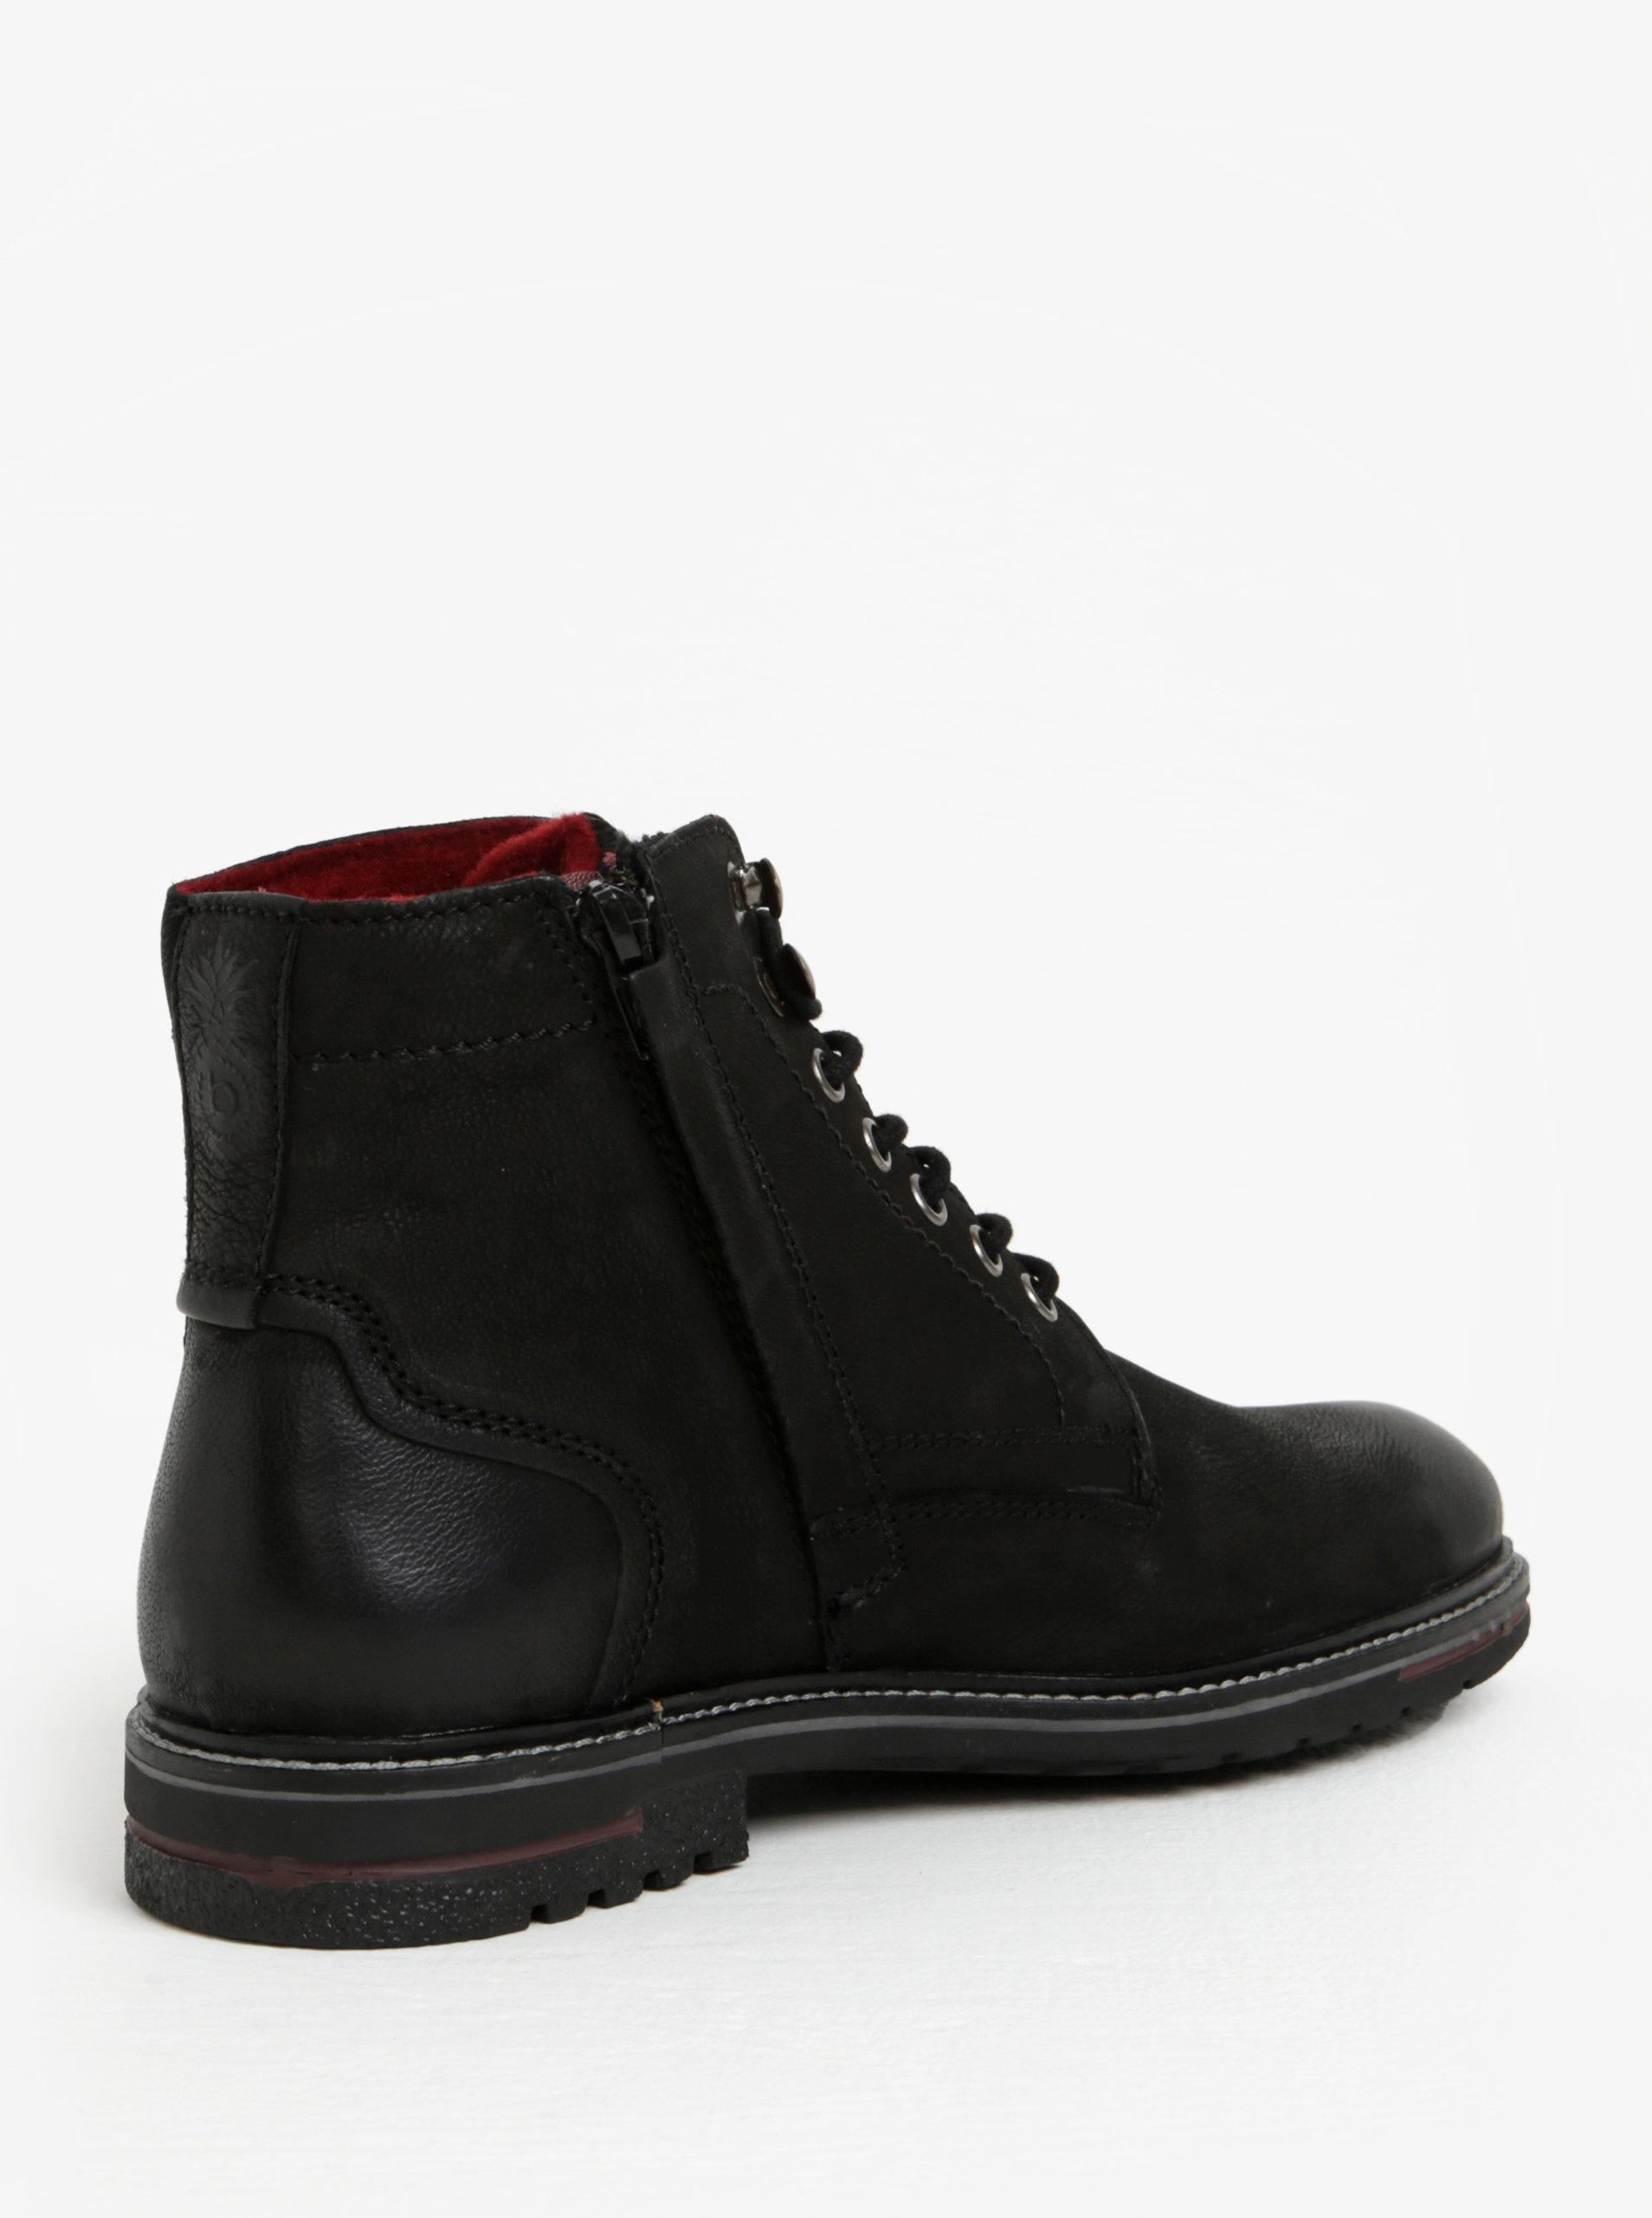 Černé pánské kožené kotníkové zimní boty bugatti Ringo - SLEVA ... 27bfca7283